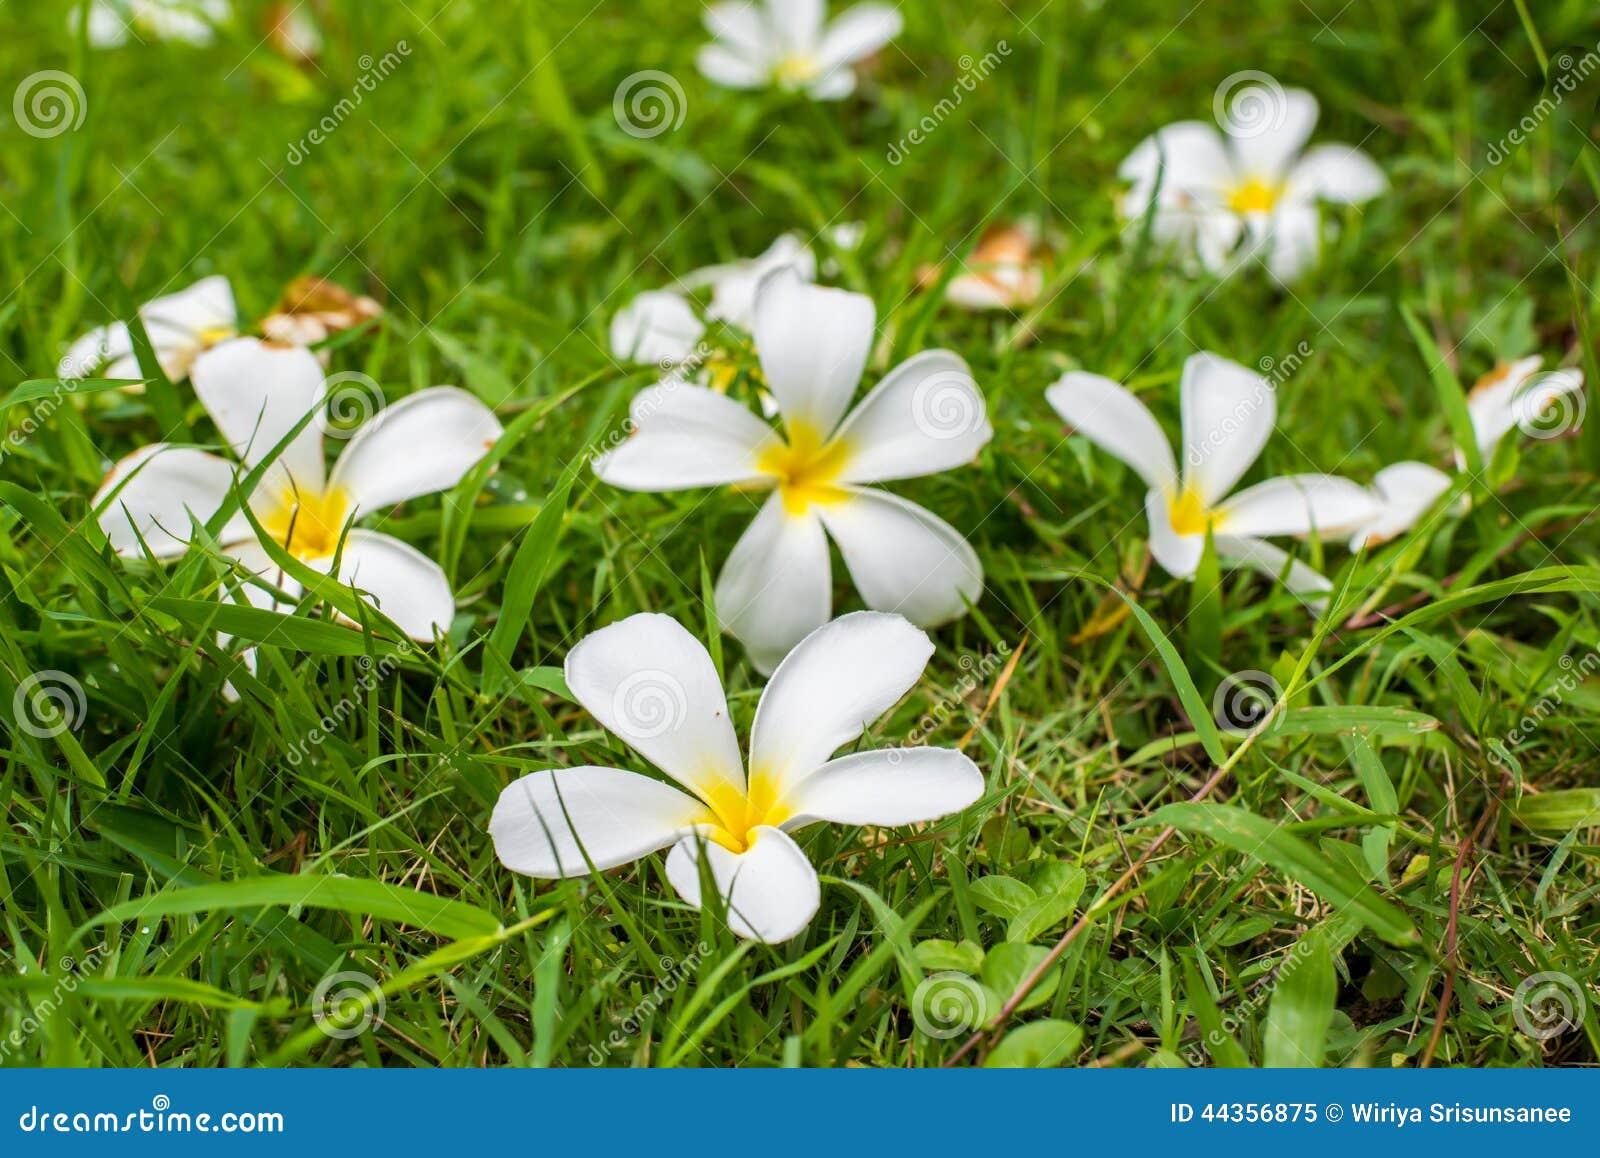 Leelavadee, Plumeria, тропический цветок на траве